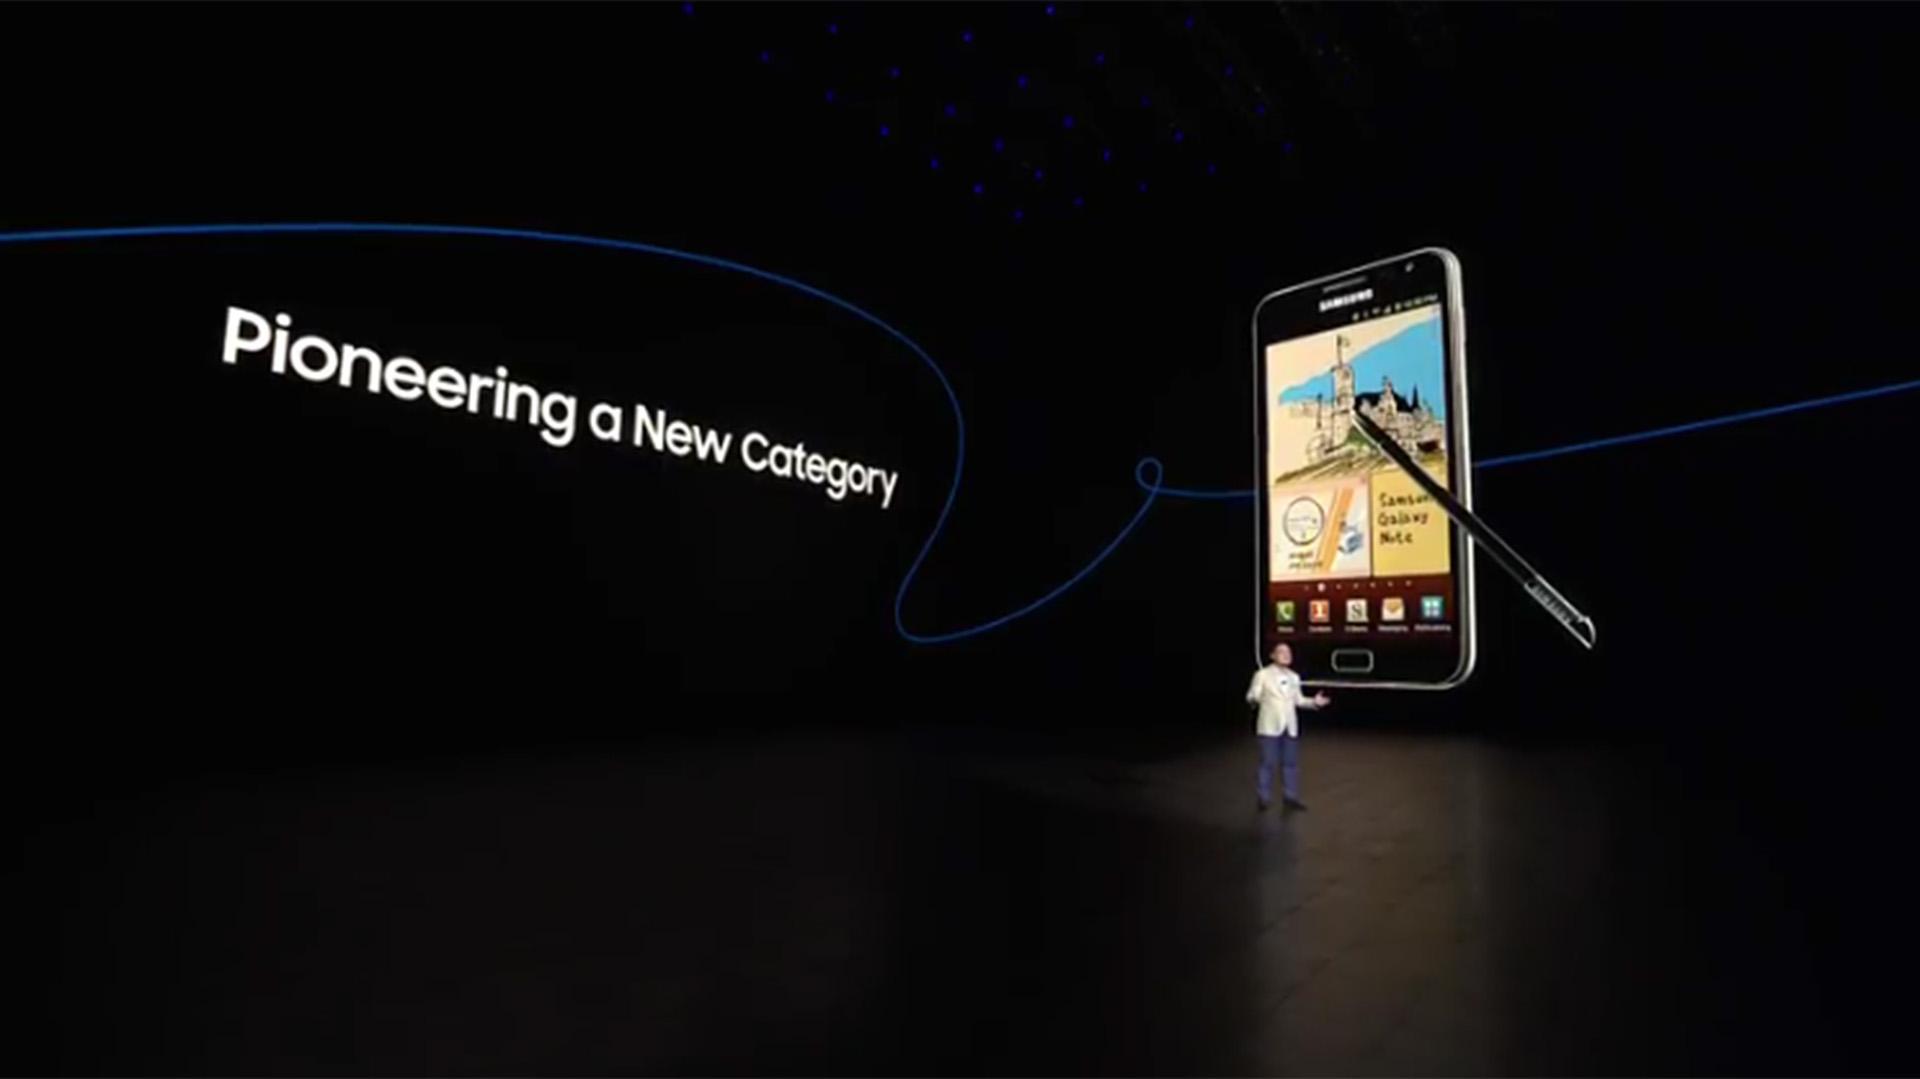 Koh Dong-jin, presidente de comunicaciones móviles de Samsung, presentó el Galaxy Note 8 en el Park Avenue Armory de Nueva York